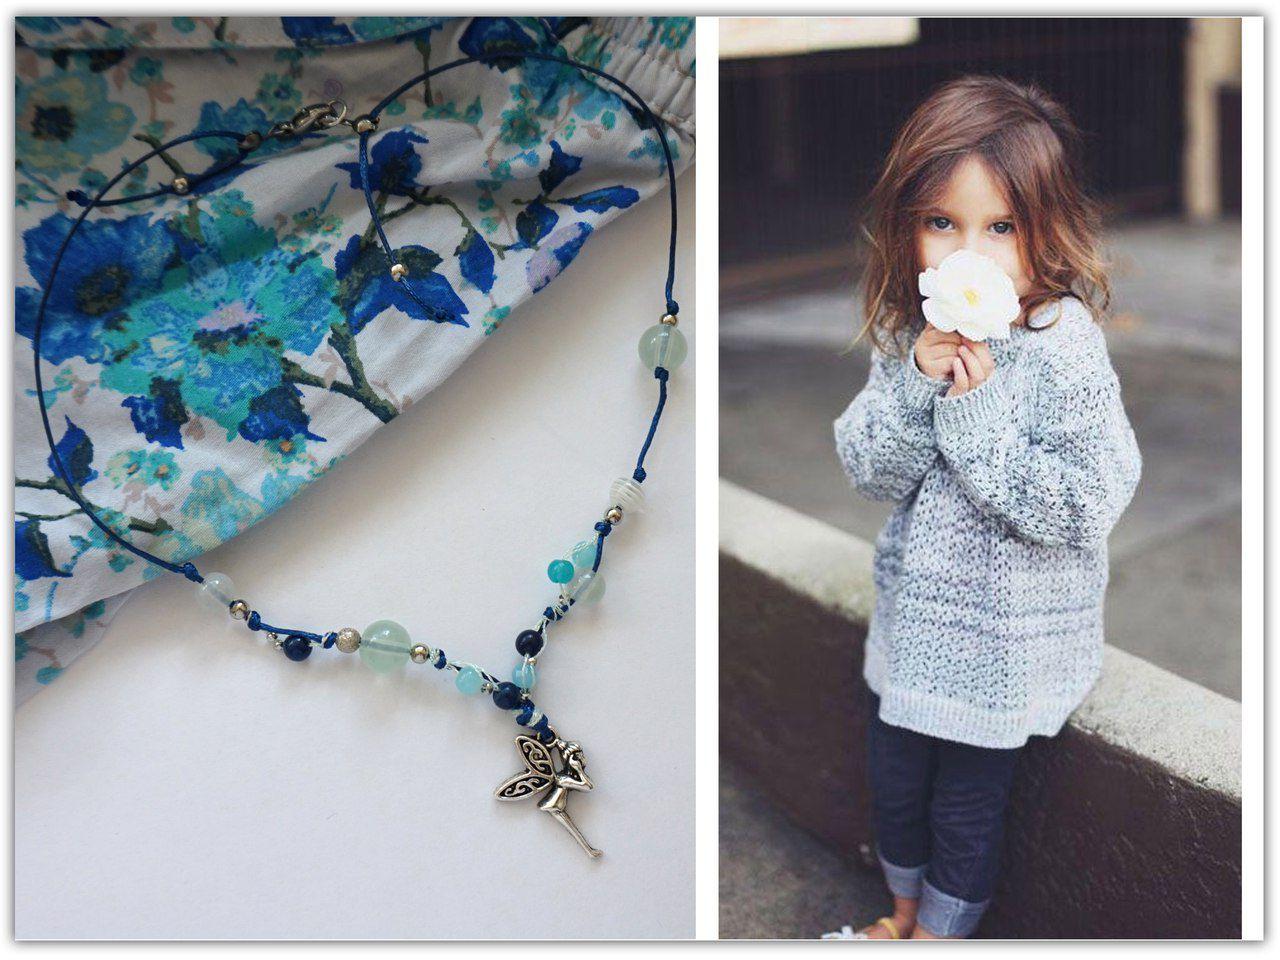 подарокребенку детскиеукрашения украшениедлятебя детскаябижутерия украшение